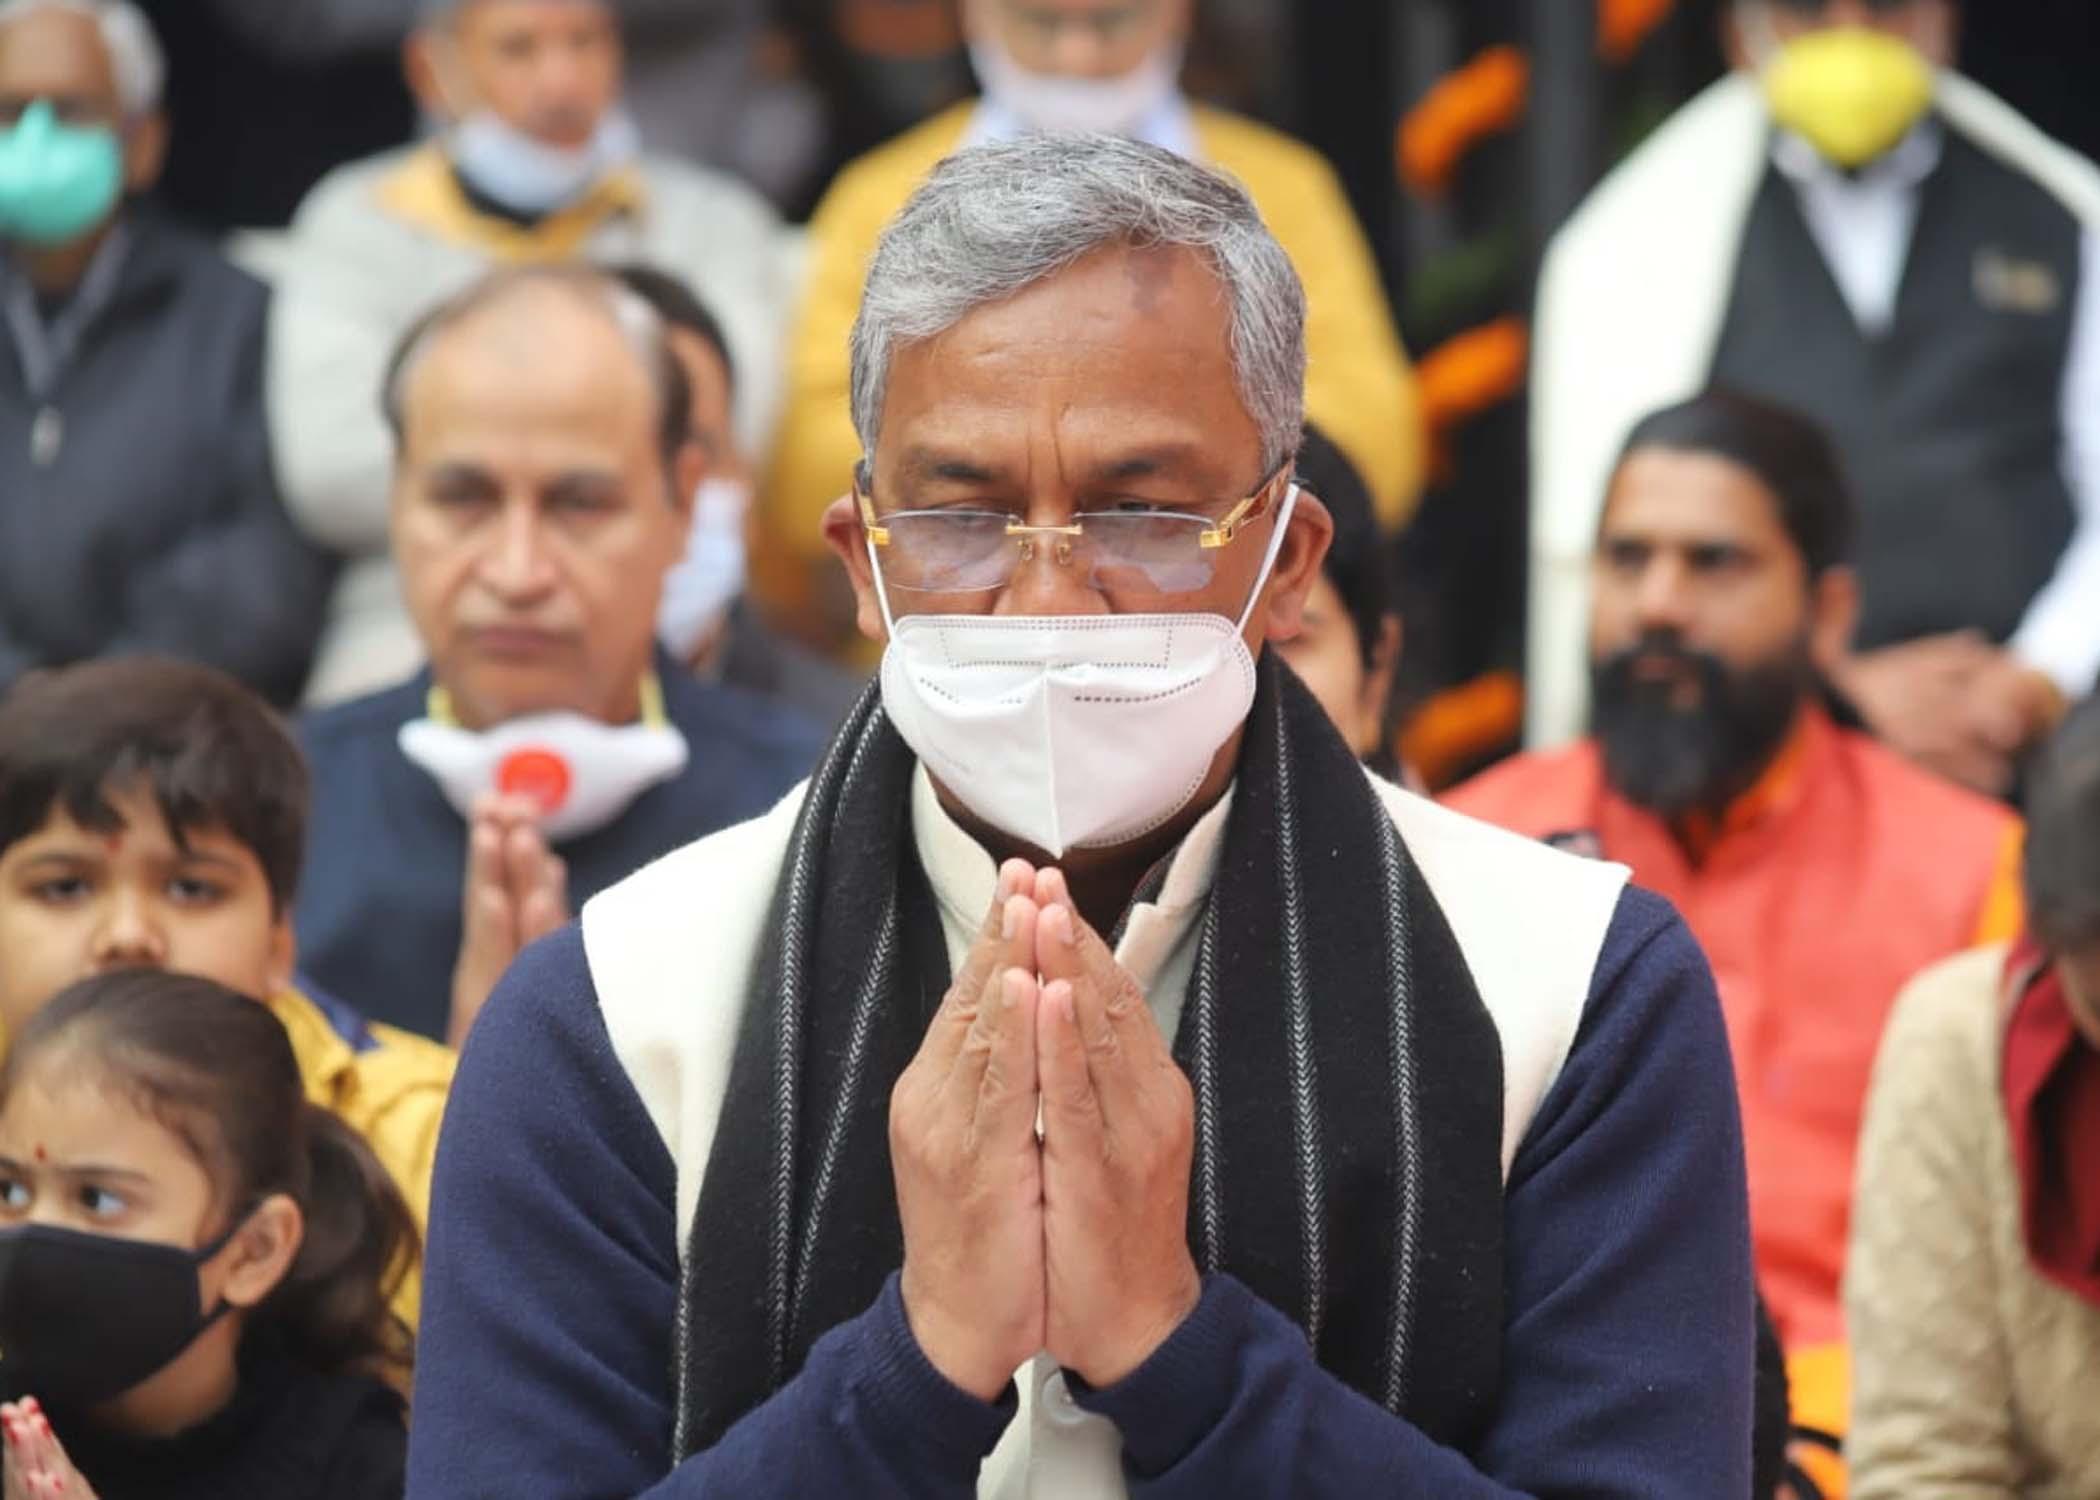 मुख्यमंत्री त्रिवेन्द्र रावत ने प्रदेशवासियों की दी राष्ट्रीय पर्यटन दिवस की शुभकामनाएं